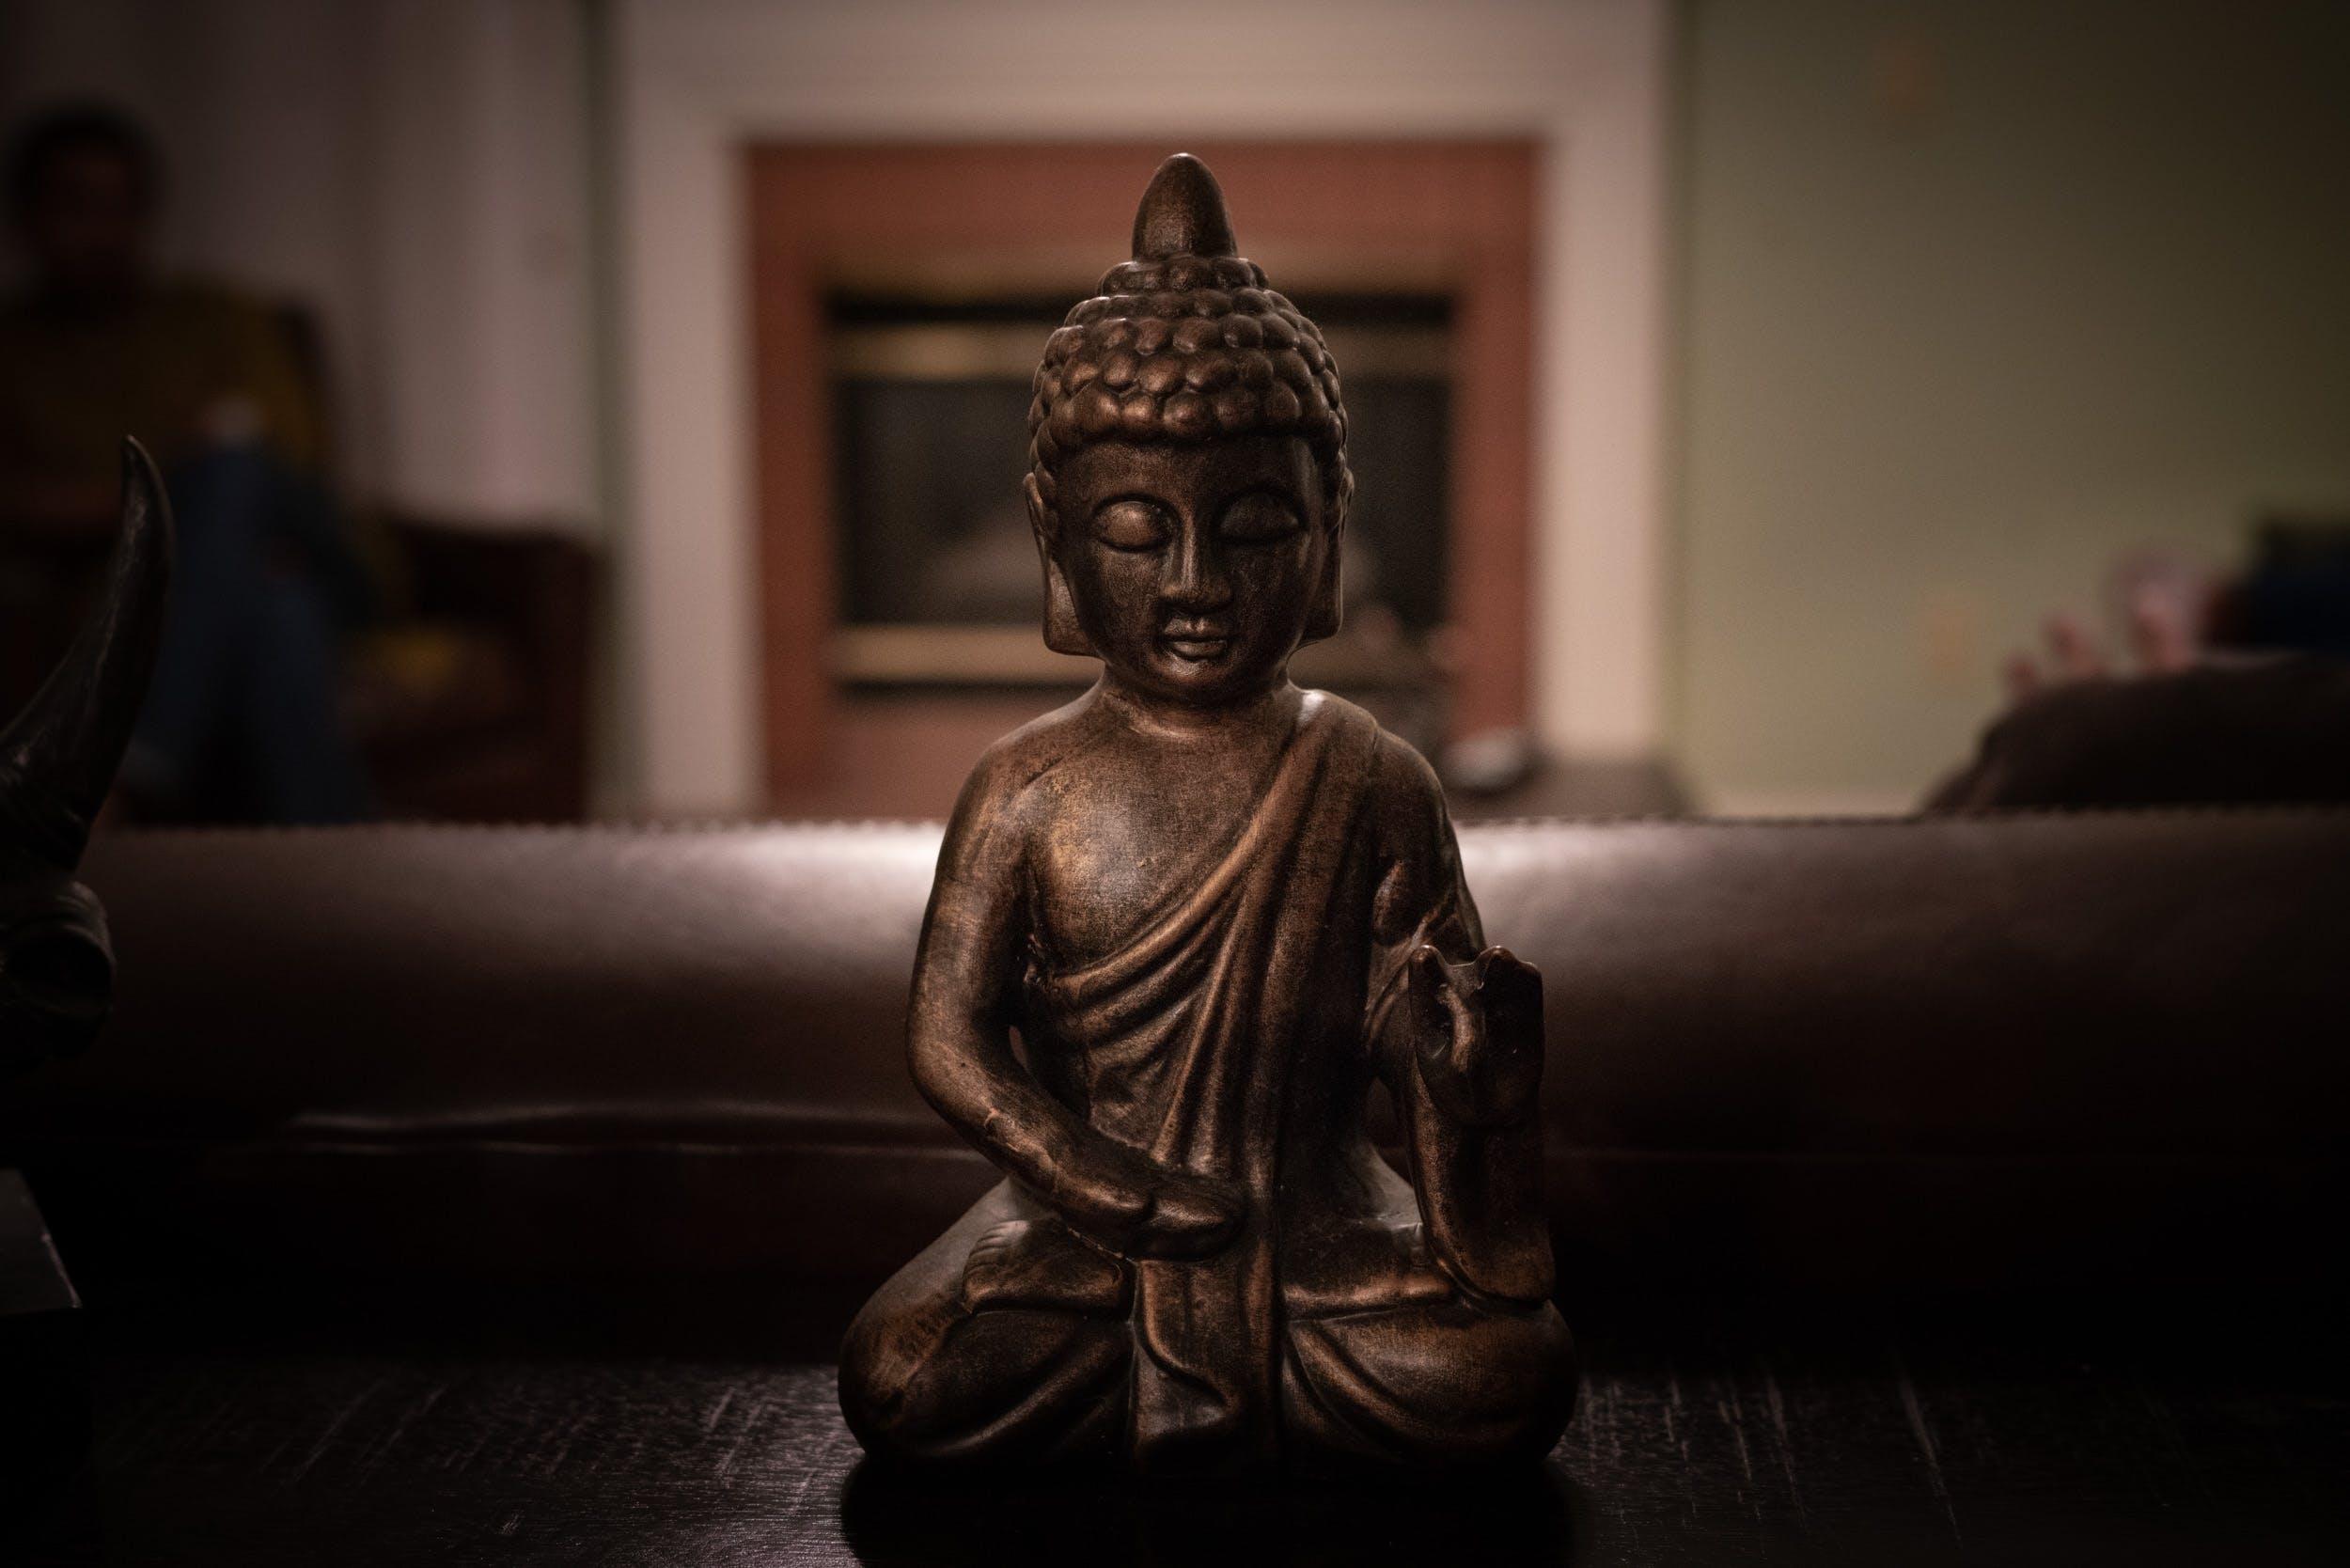 Δωρεάν στοκ φωτογραφιών με άγαλμα, Βούδας, βουδισμός, γκρο πλαν